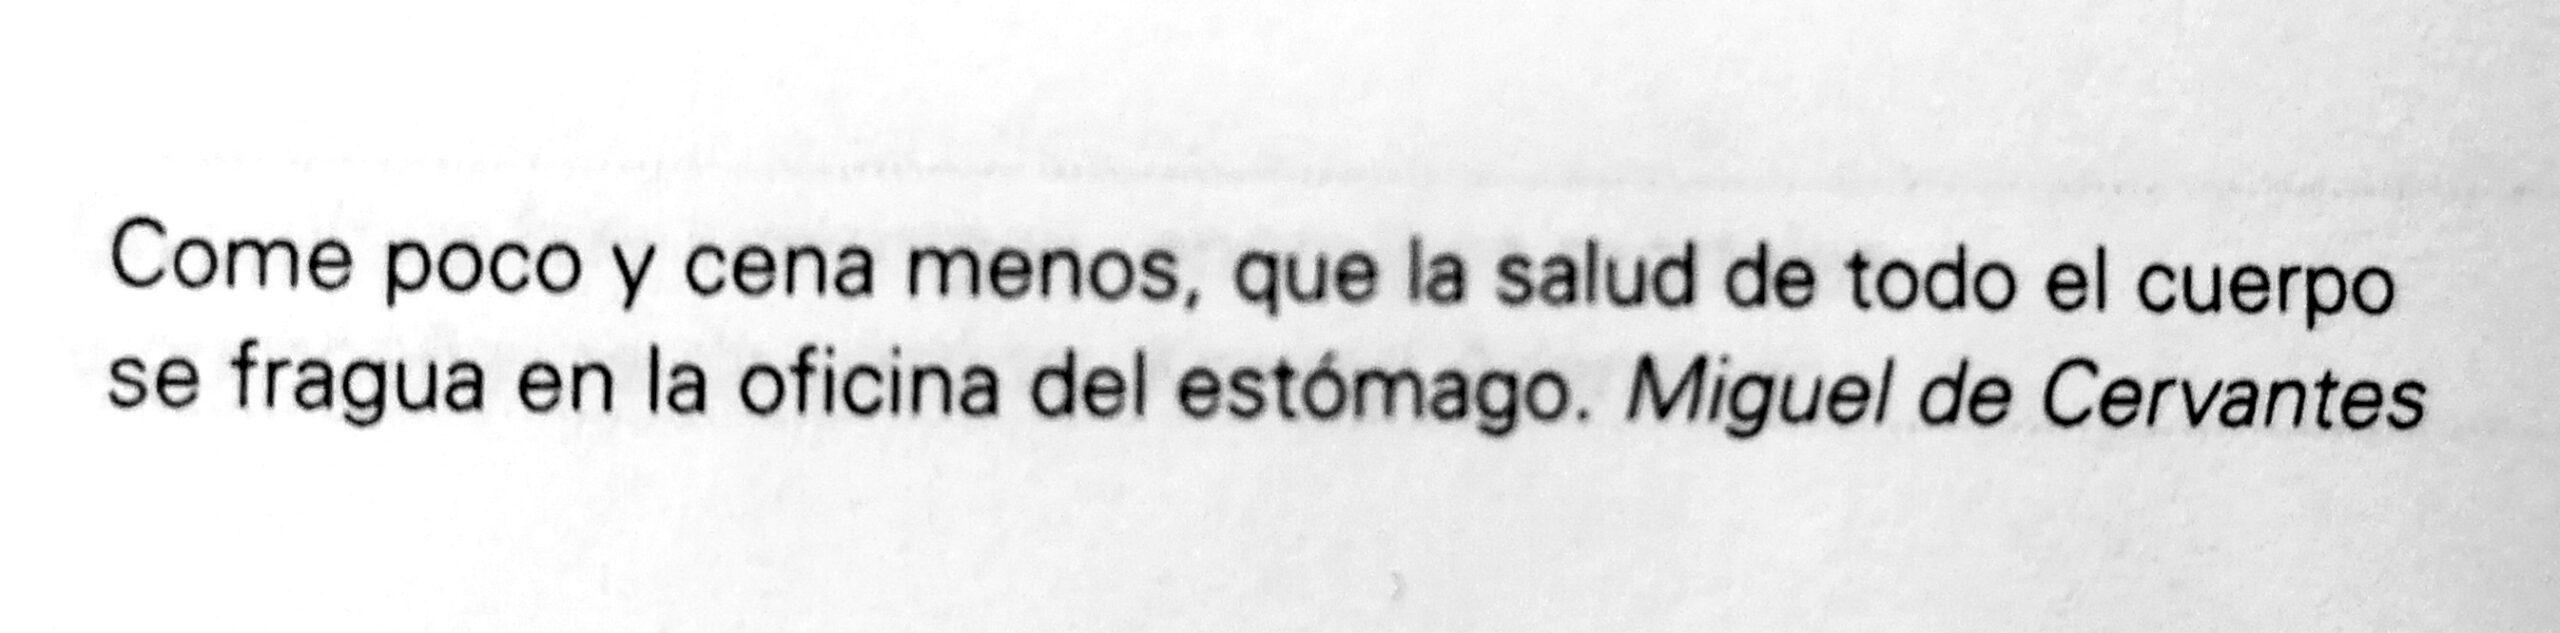 Frase de Miguel de Cervantes